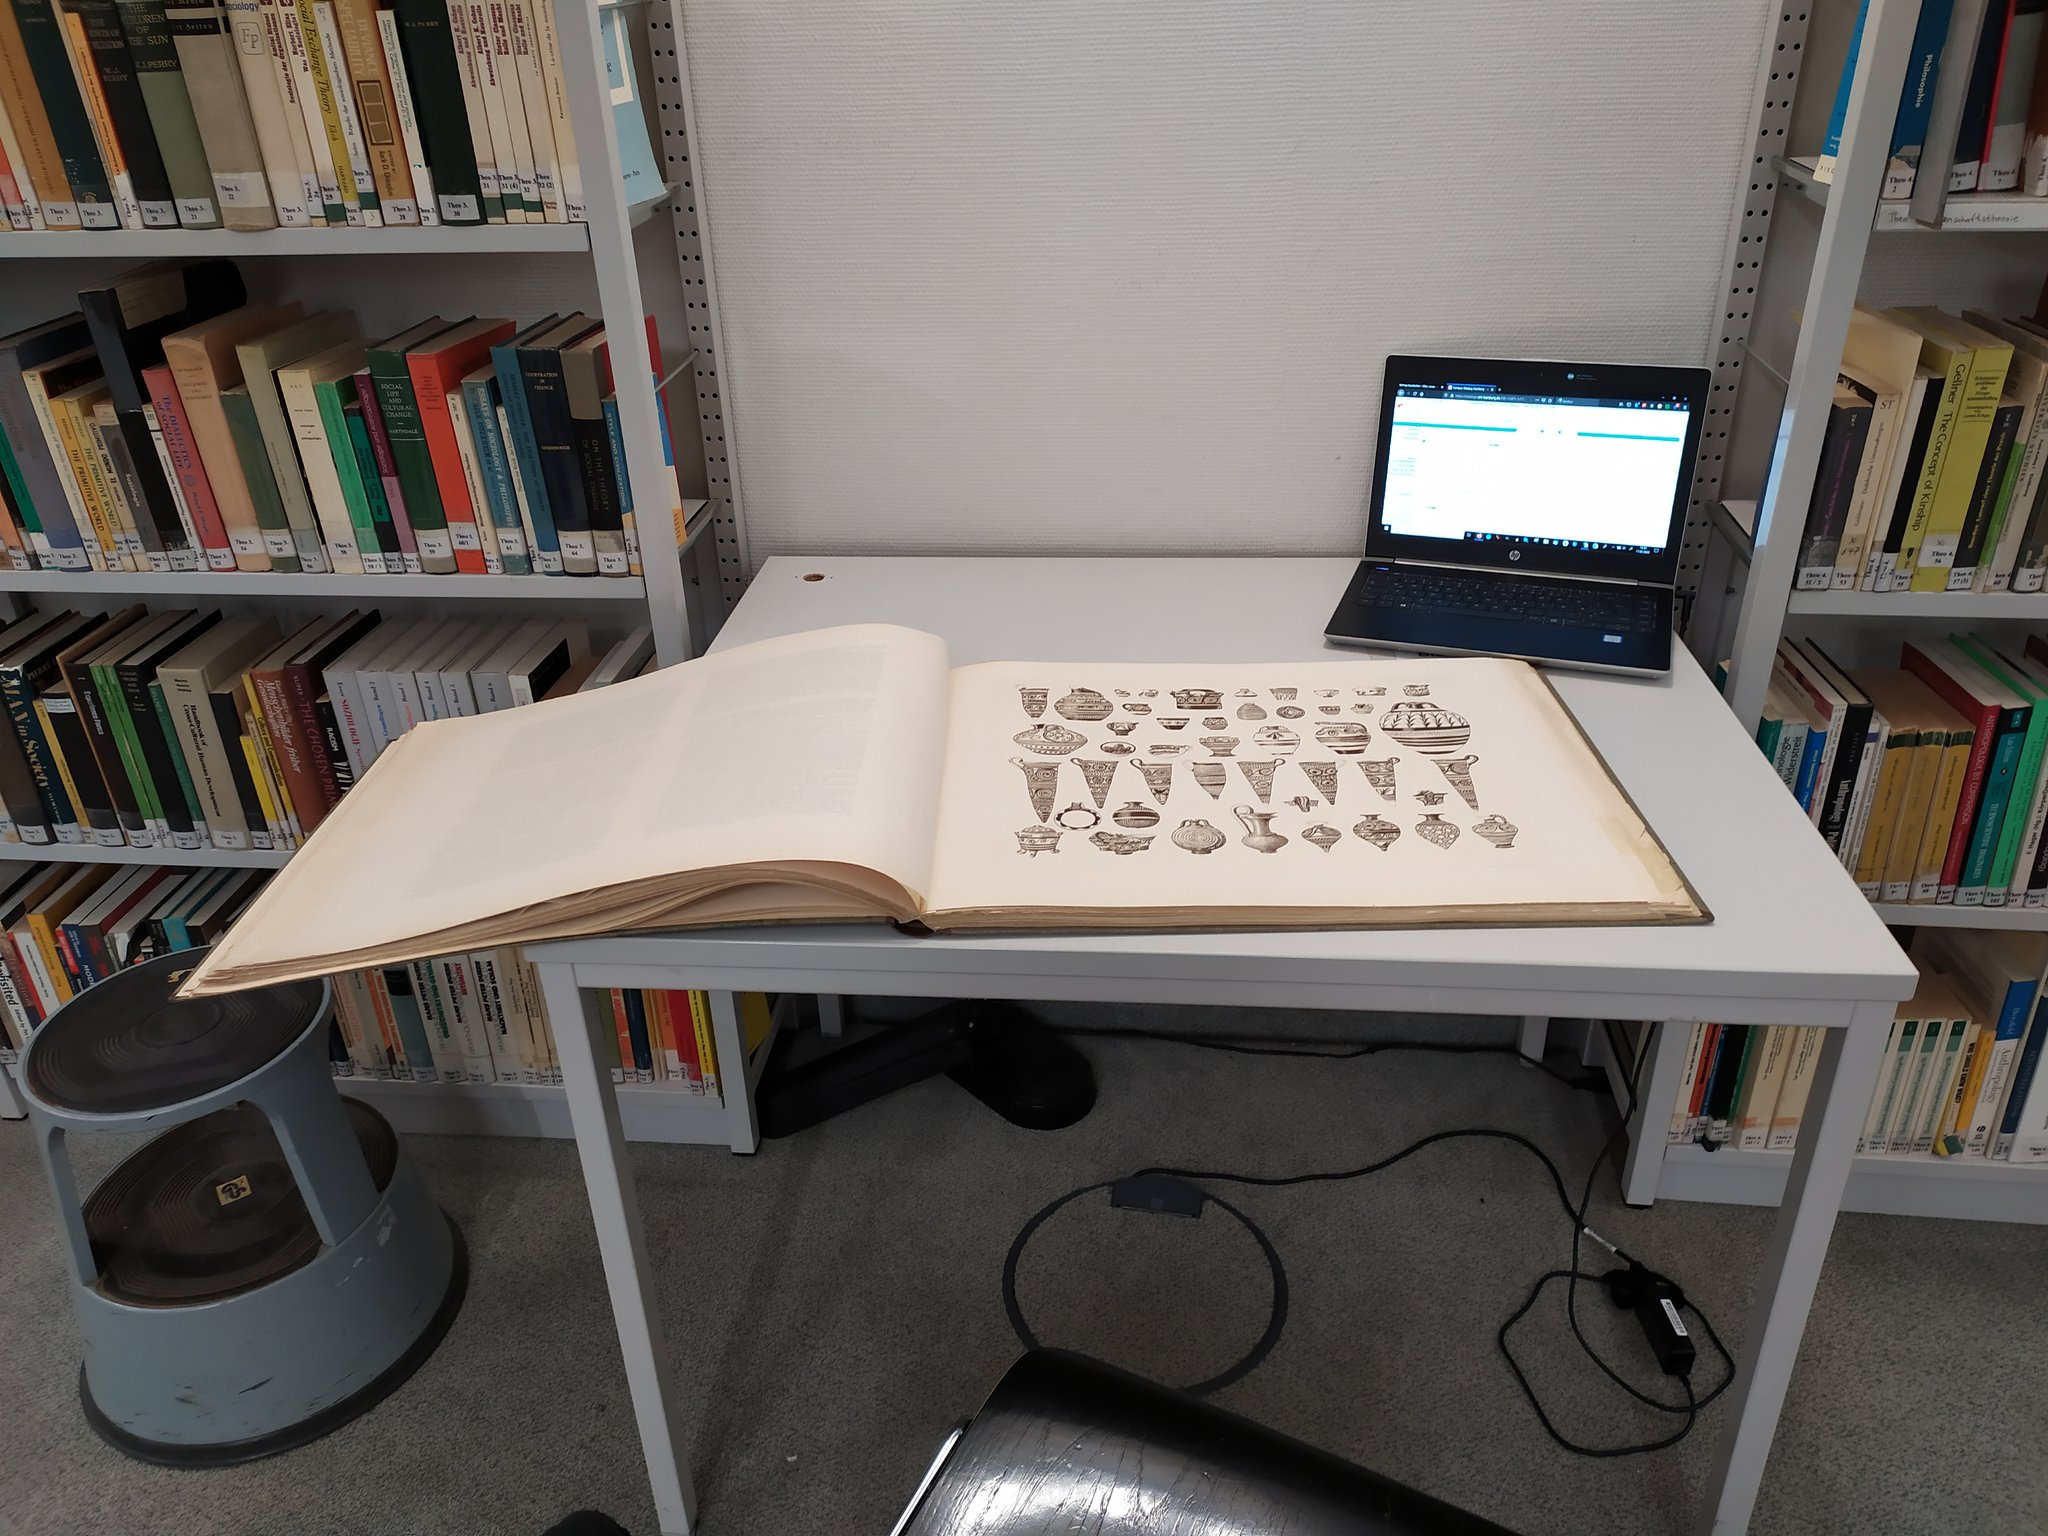 Ein Buch, dass viel größer ist, als ein Tisch, liegt auf einem Tisch, und hängt an einer Seite über. Im Hintergrund steht ein Laptop.